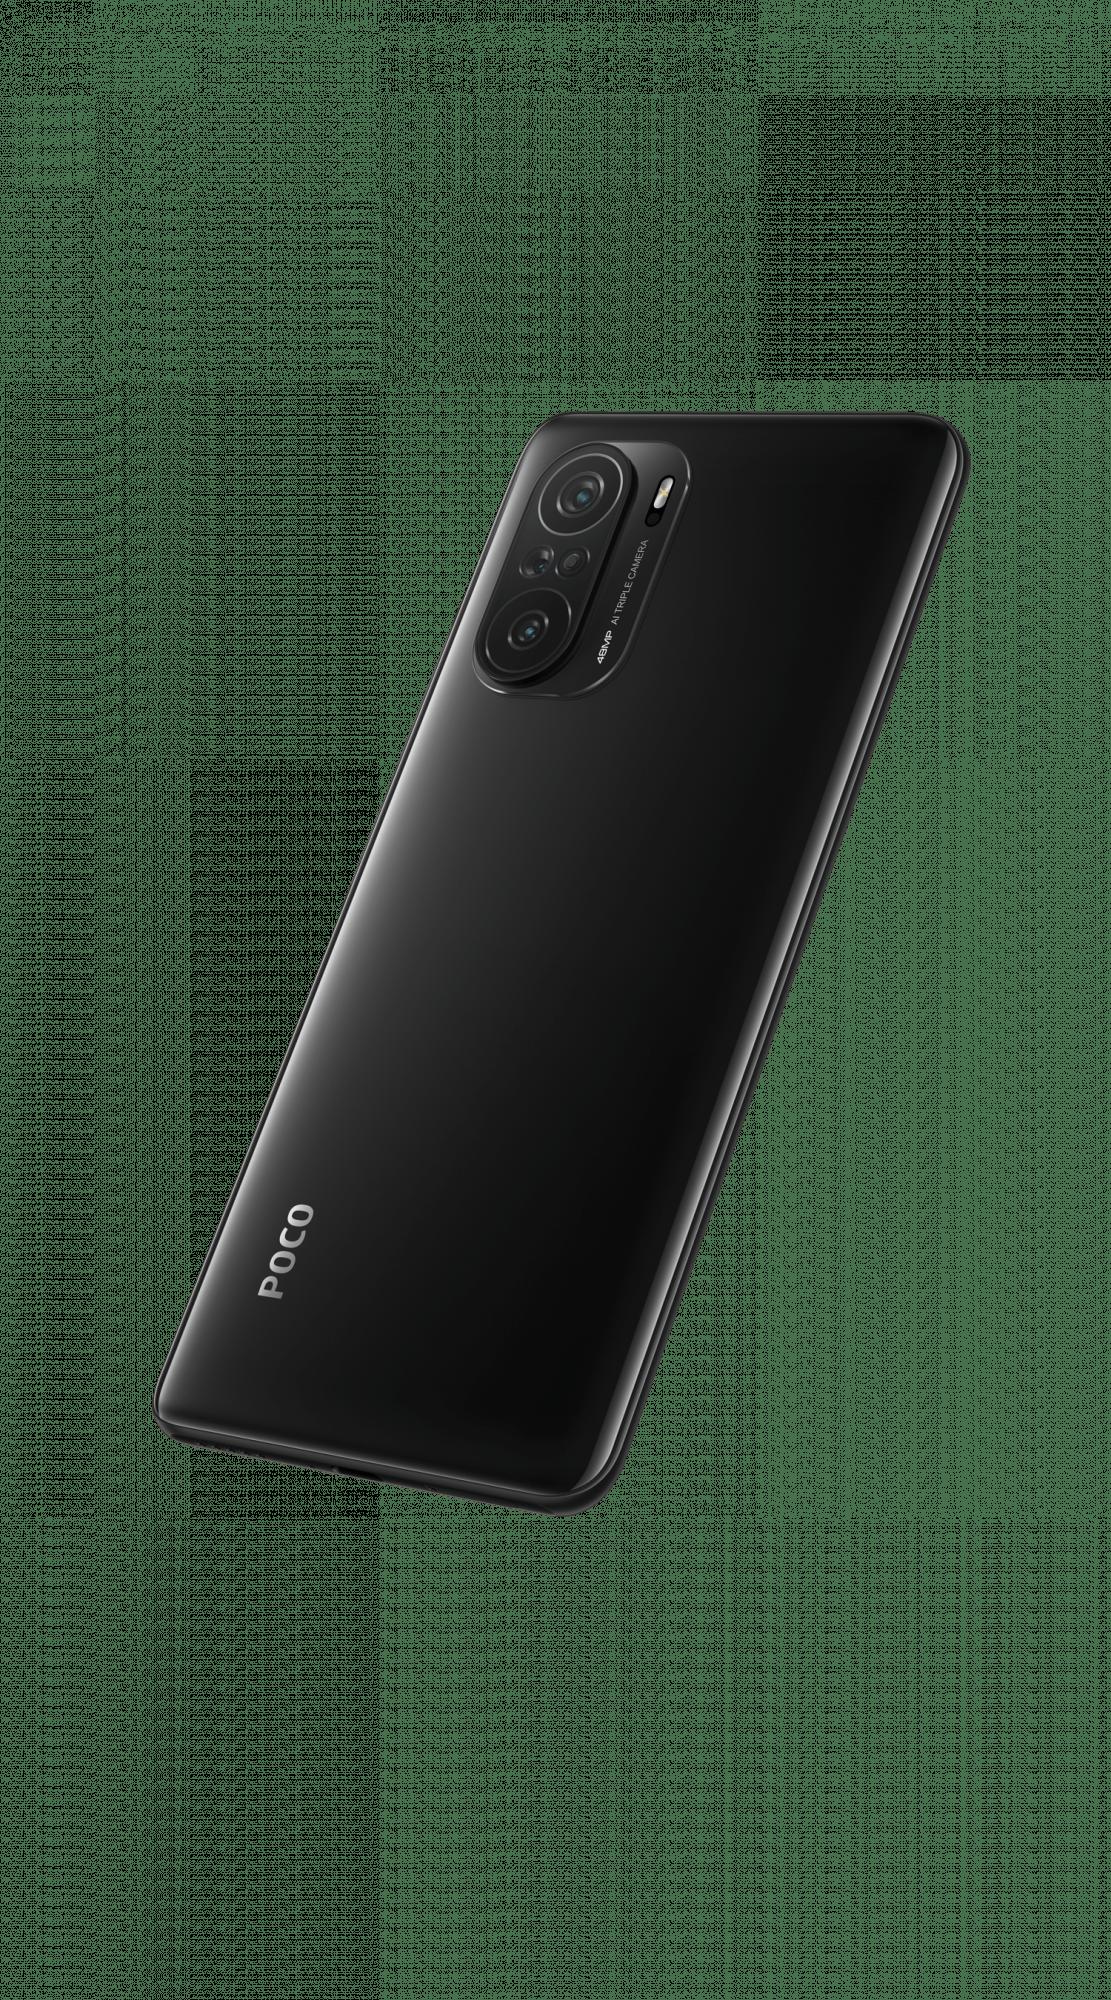 Smartphone Poco Unieuro: Poco X3 Pro e Poco F3 acquistabili